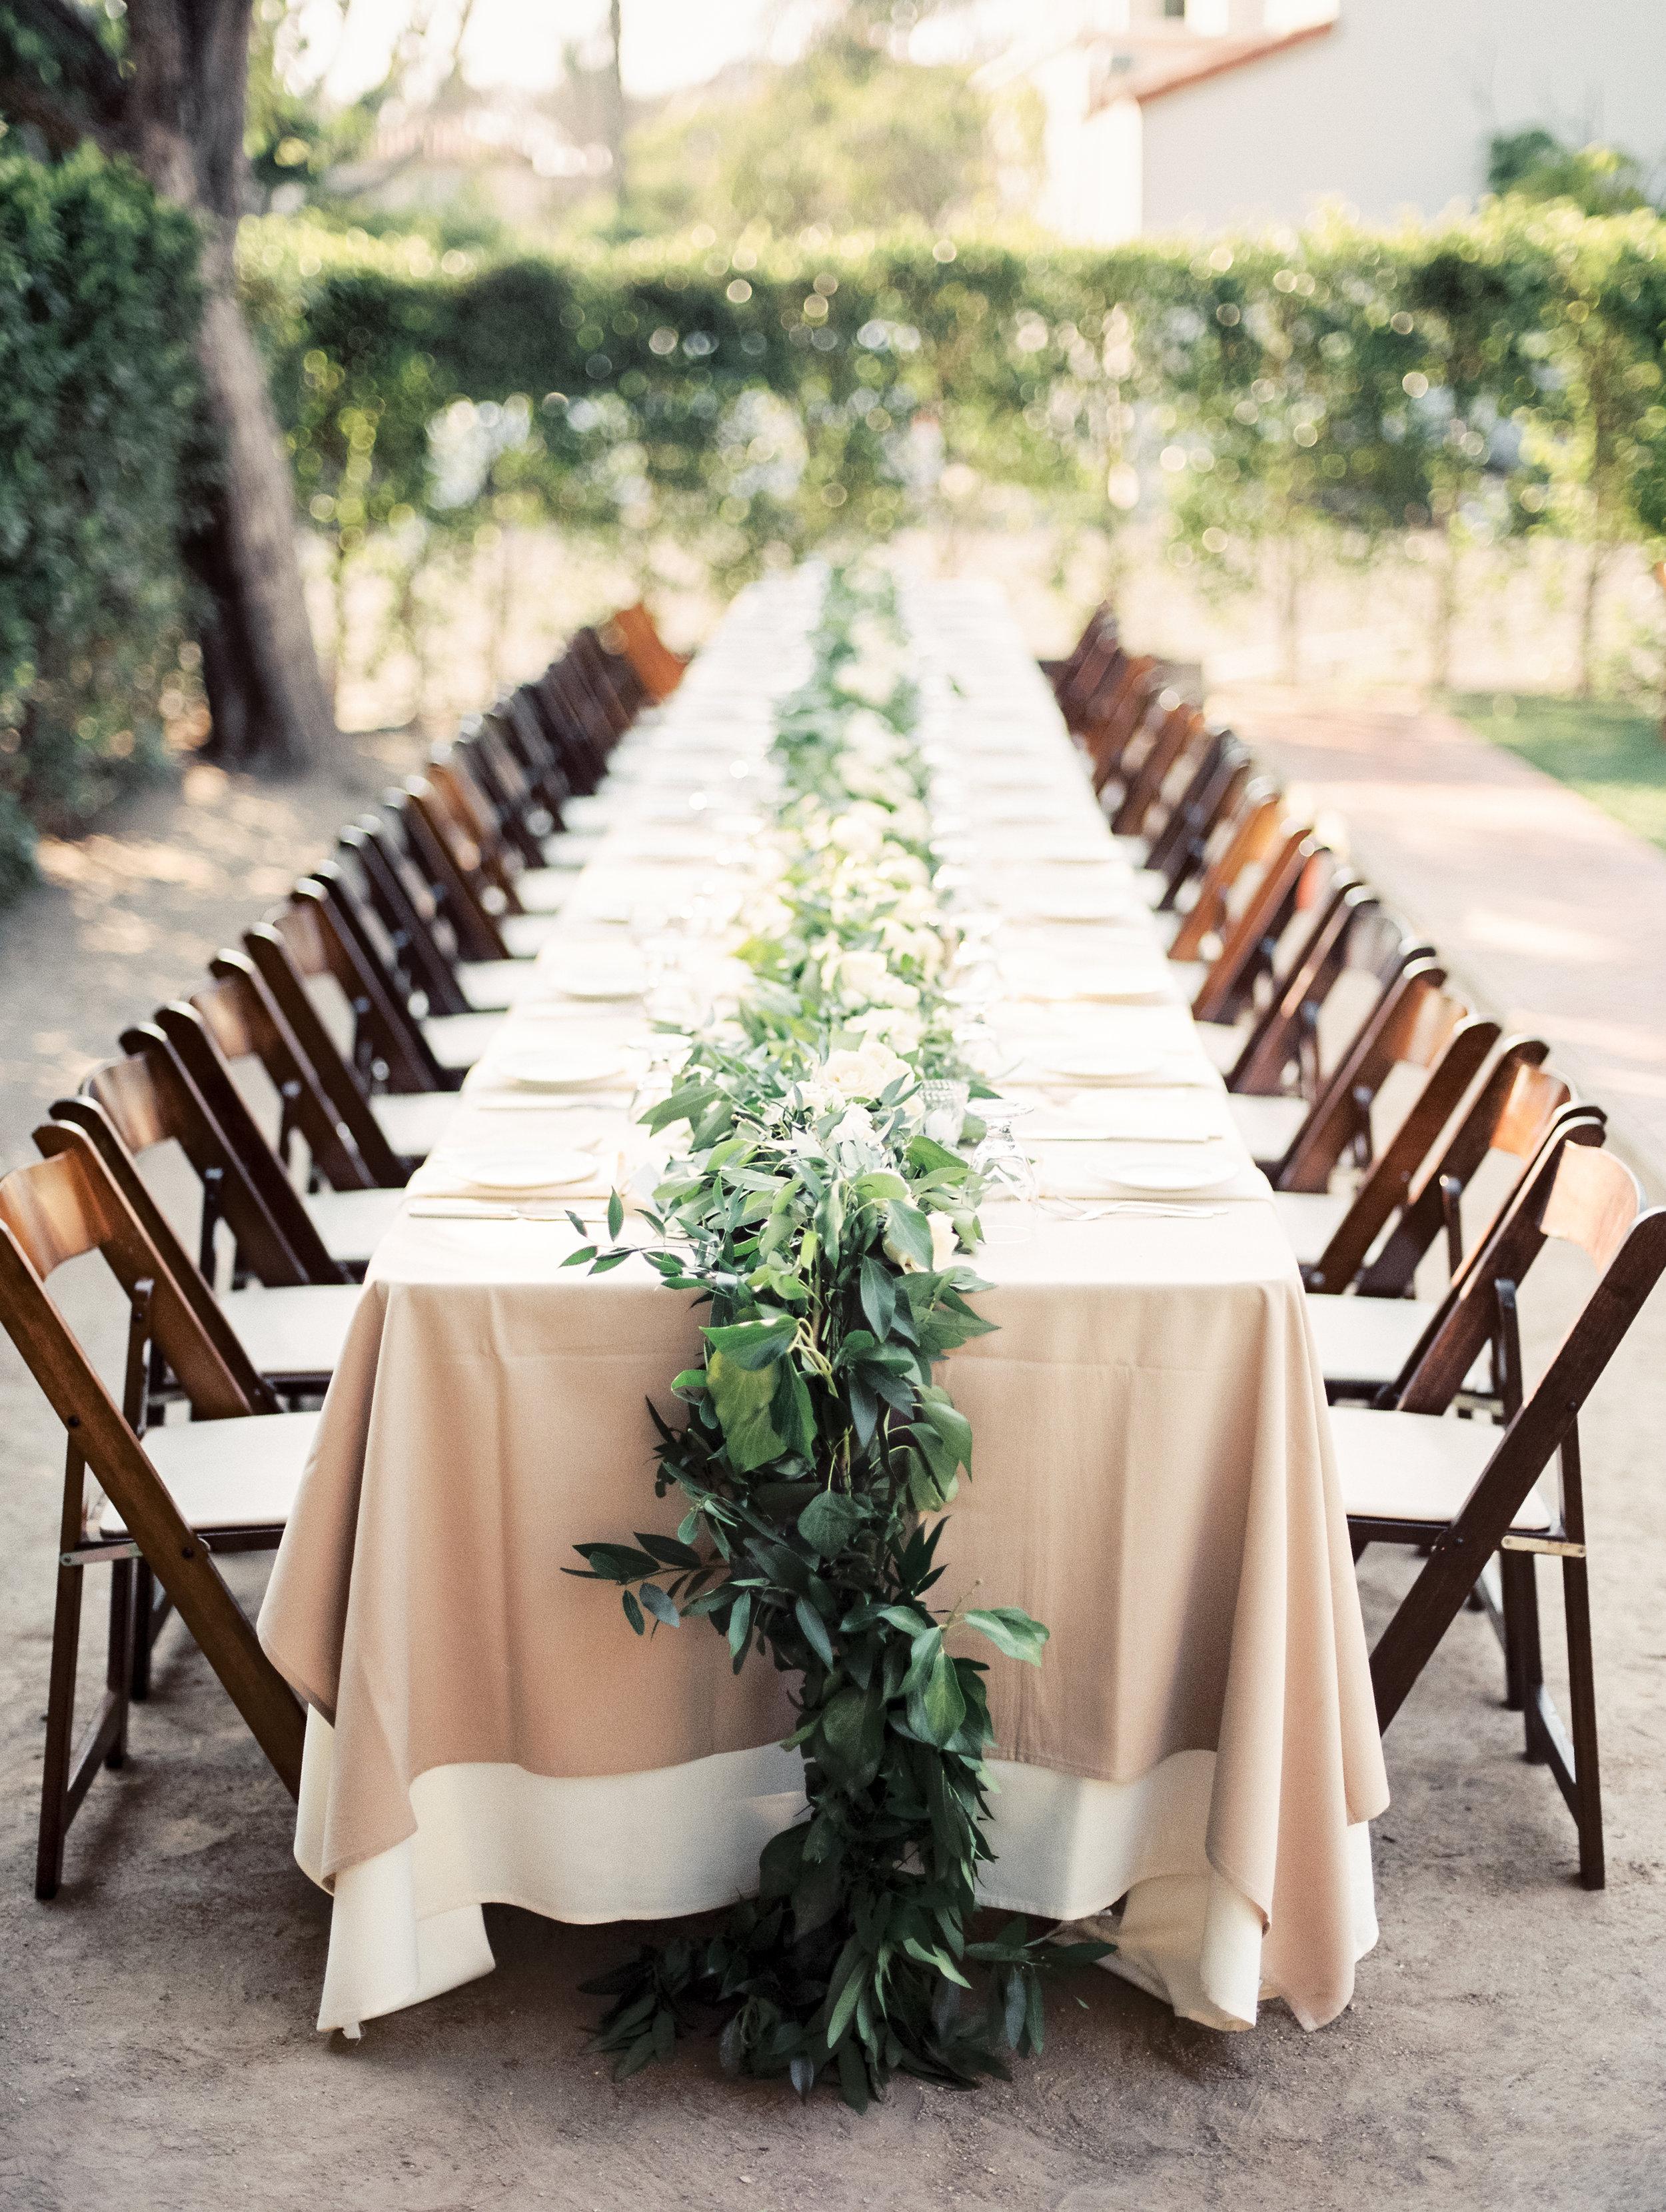 www.santabarbarawedding.com   El Presidio   Santa Barbara Club   Taralynn Lawton   Reception Table